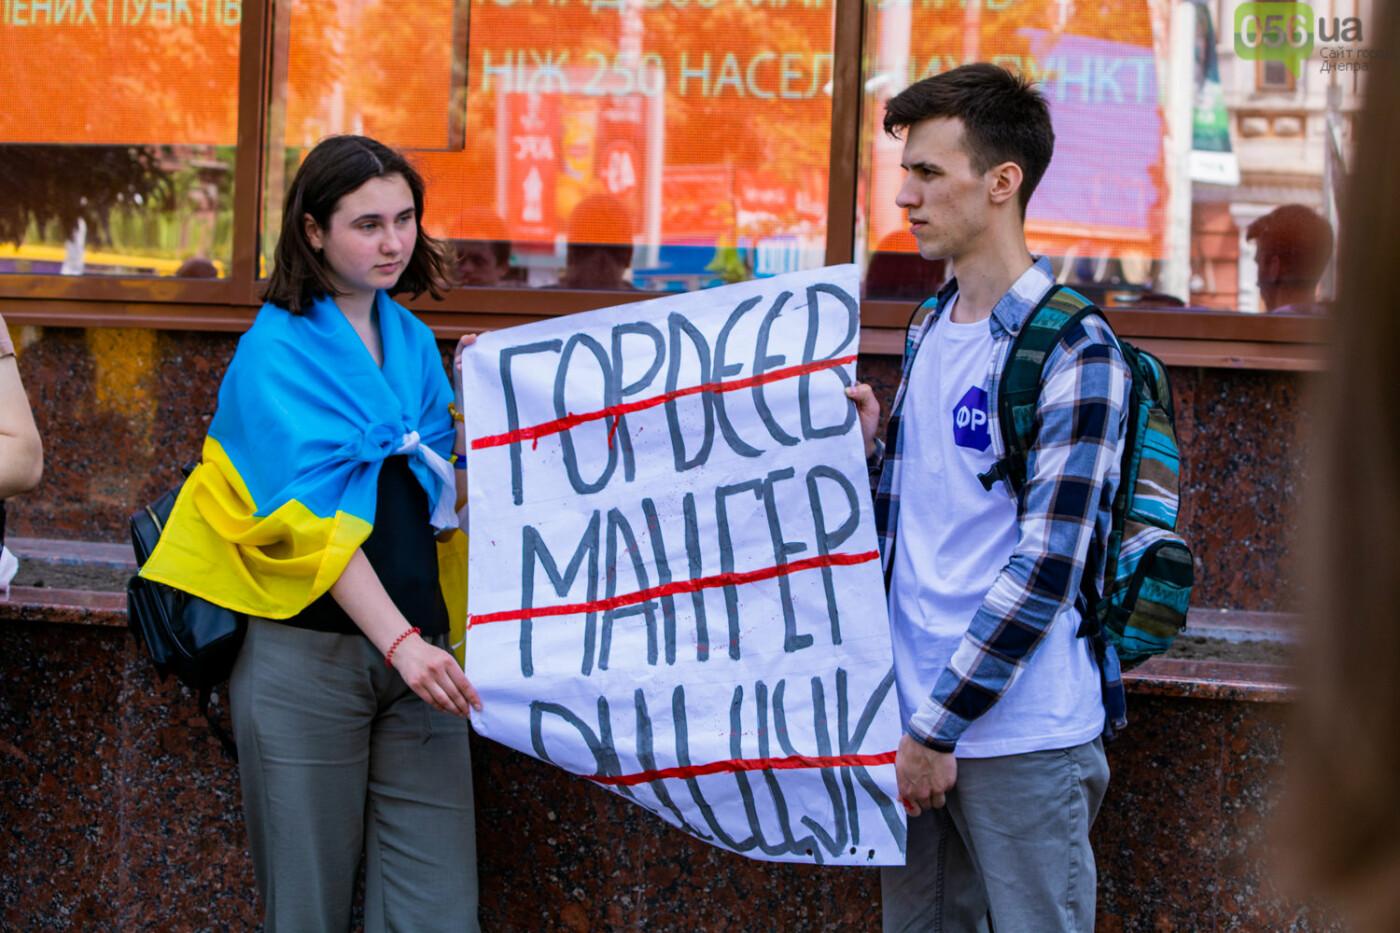 Фаера, плакаты и активисты: в центре Днепра прошла акция «Хто замовив Катю Гандзюк?», - ФОТОРЕПОРТАЖ, фото-10